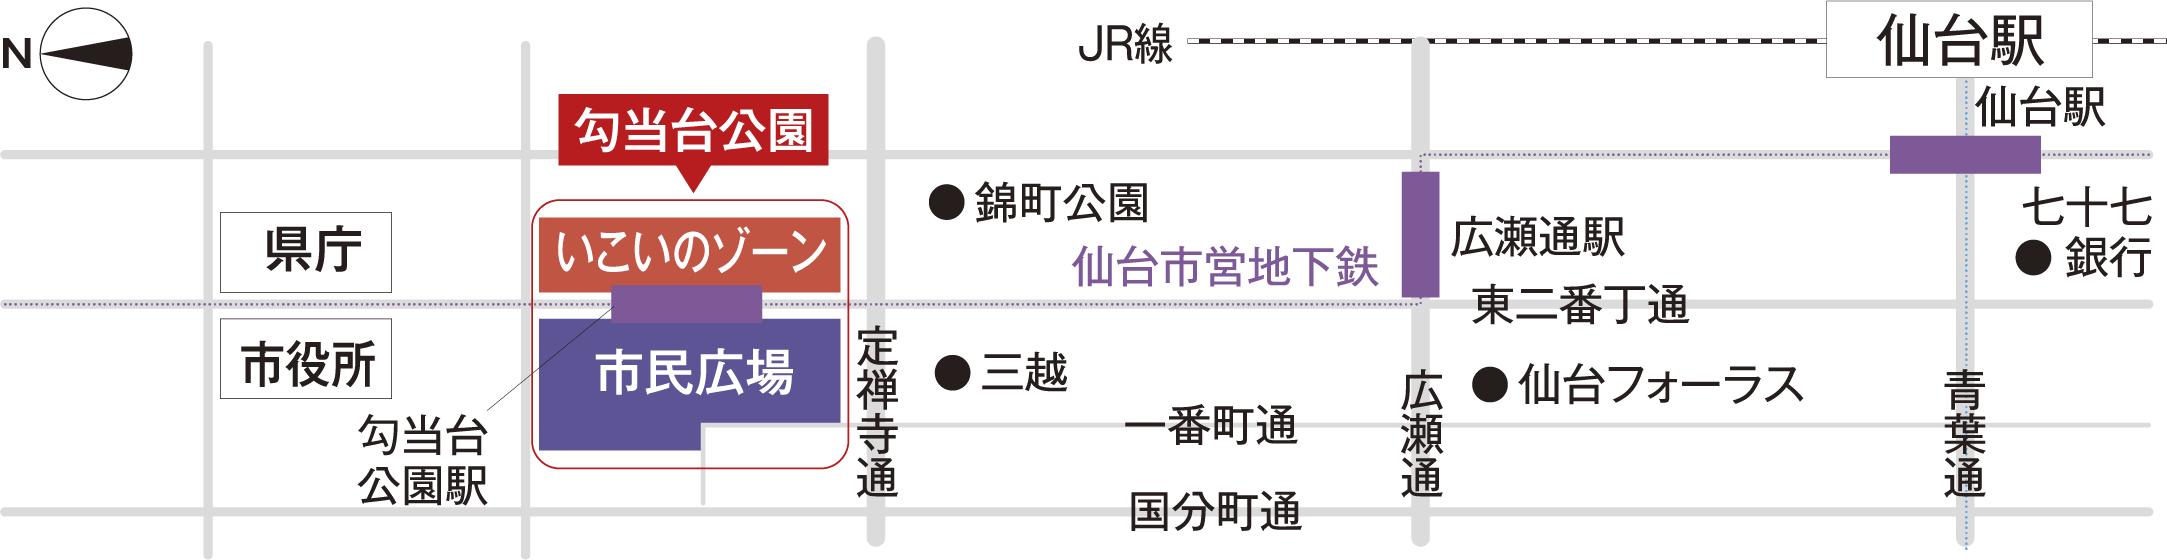 JR仙台駅からのアクセス 地図画像